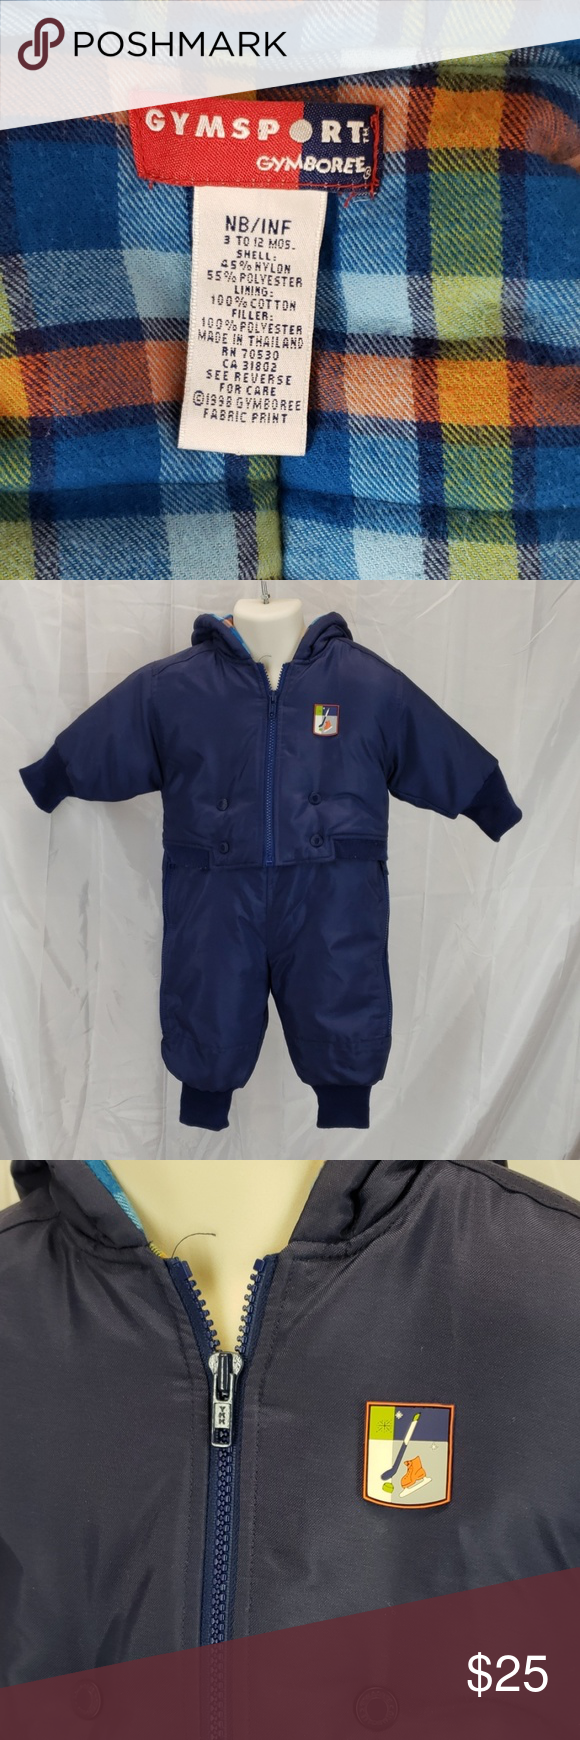 Gymboree snowsuit NB 3 TO 12 MOS snow coat Snow suit